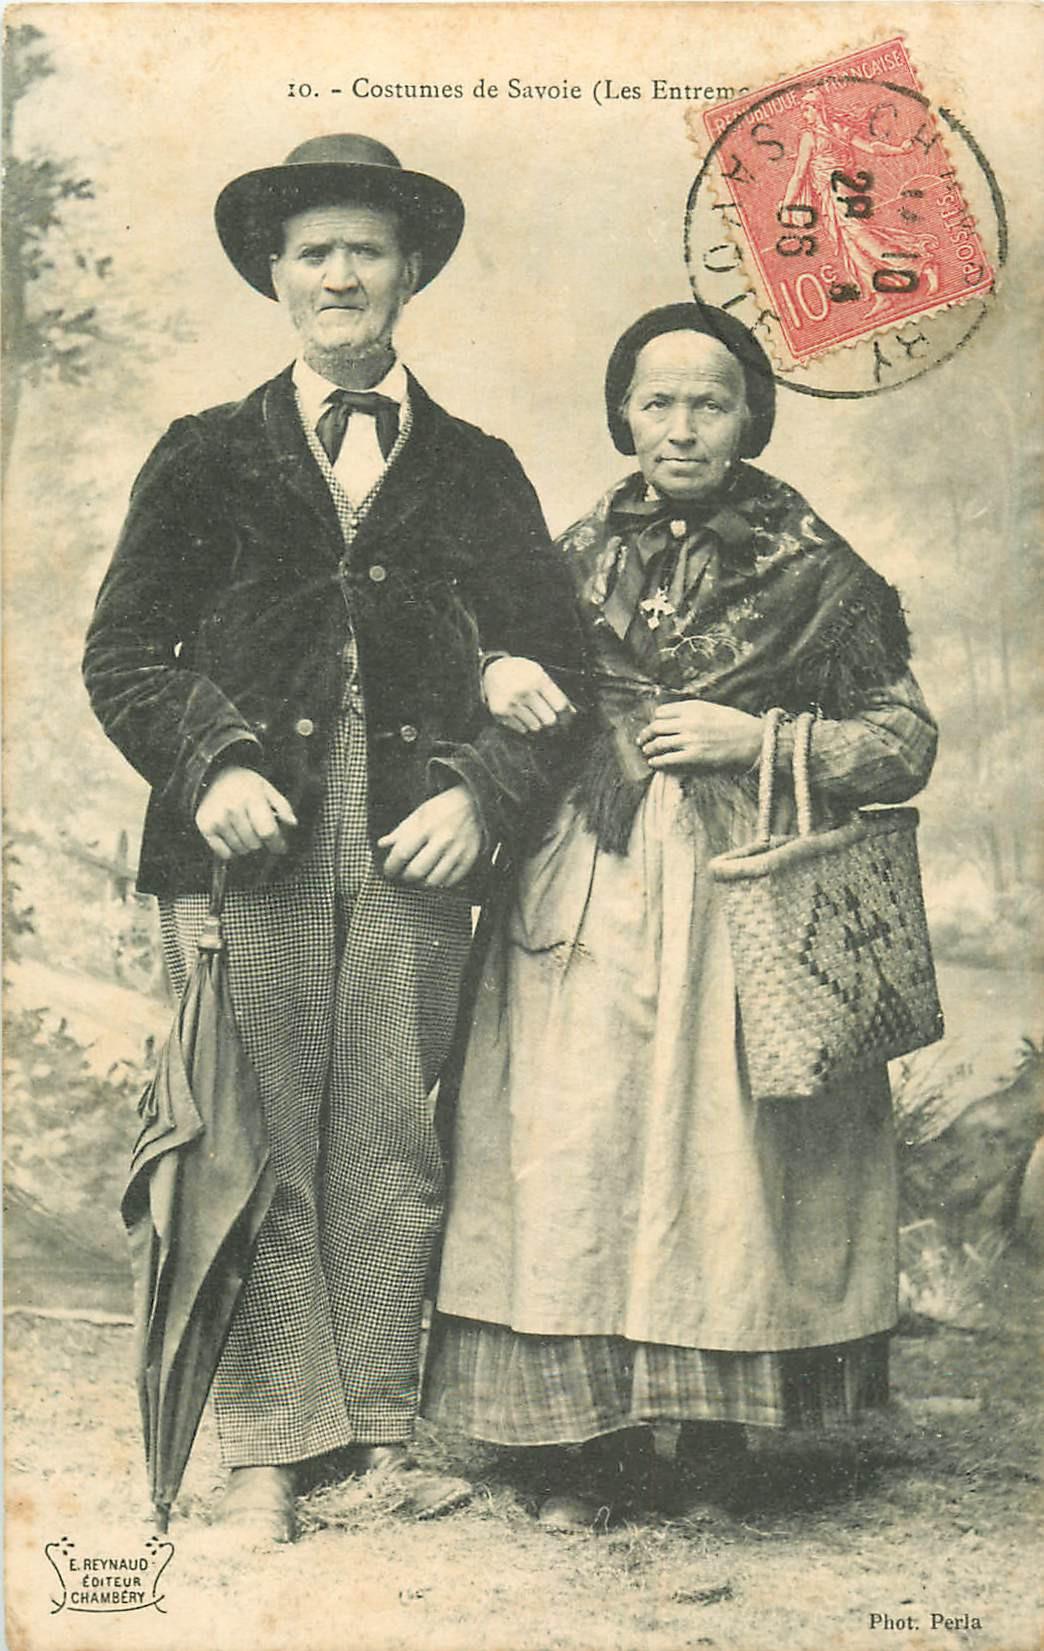 WW RHÔNE ALPES. Costumes de Savoie. Les Entremetteurs 1906